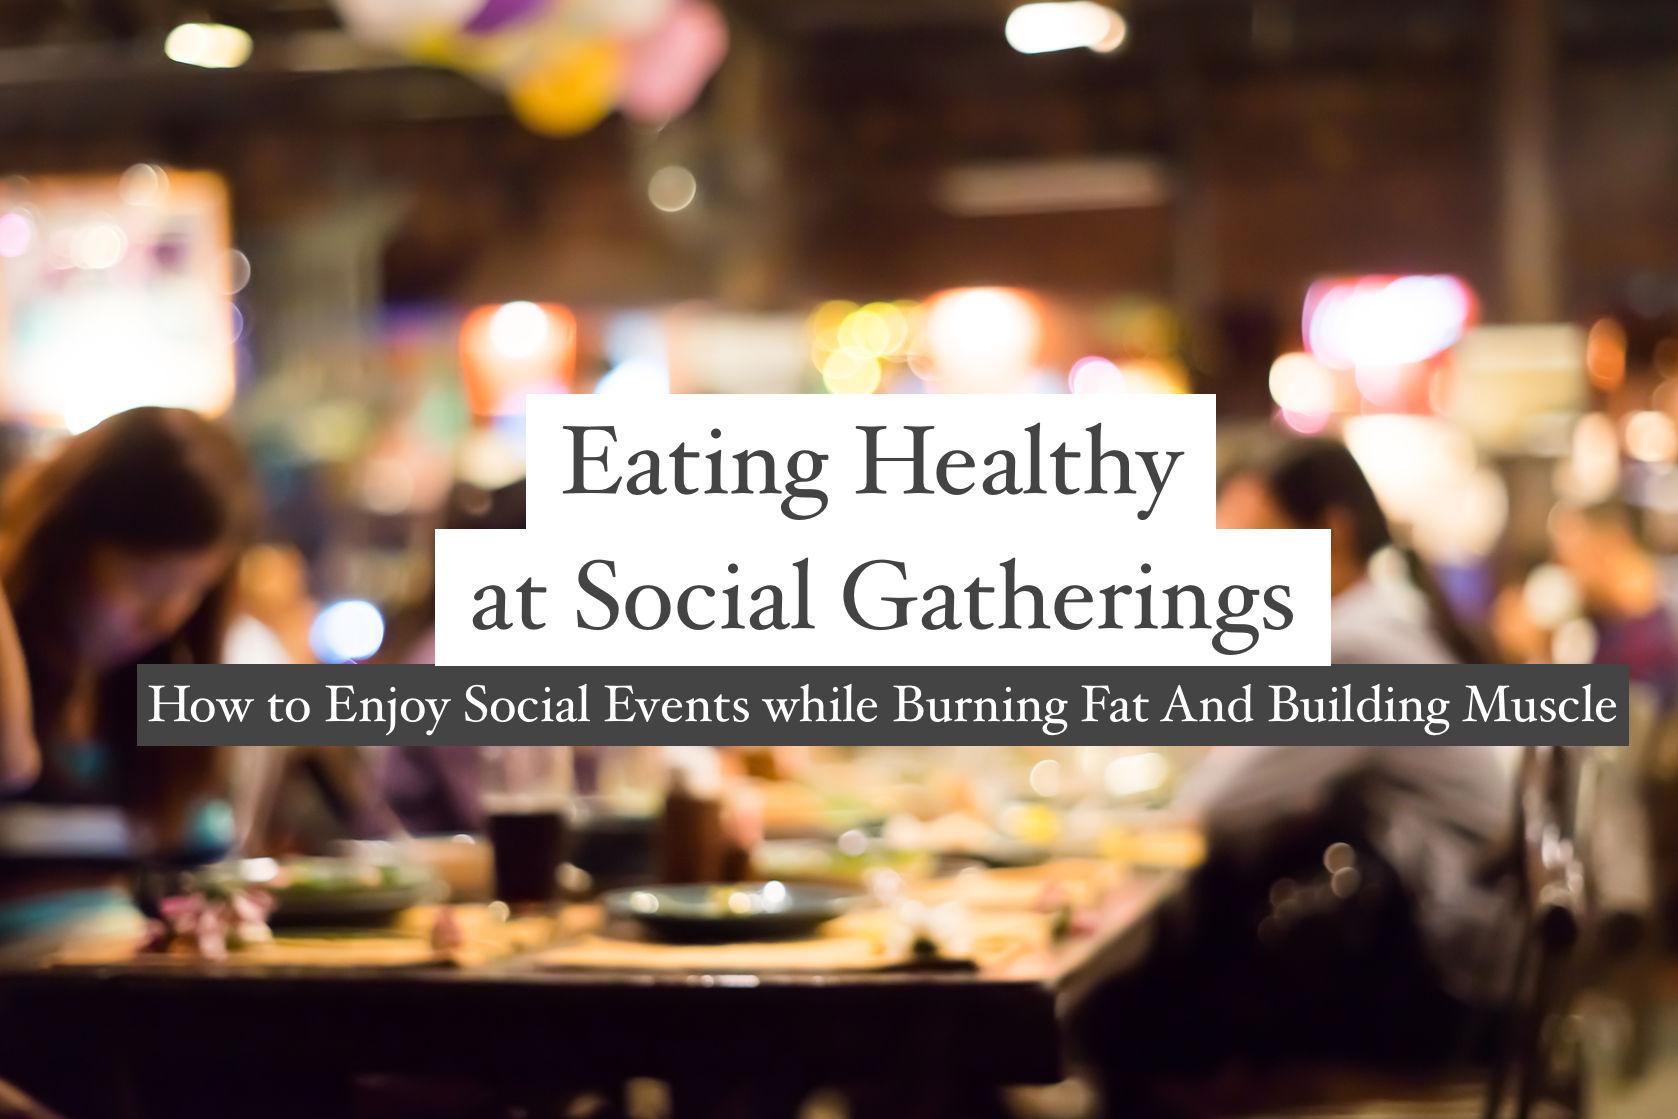 EATING HEALTHY AT SOCIAL GATHERING